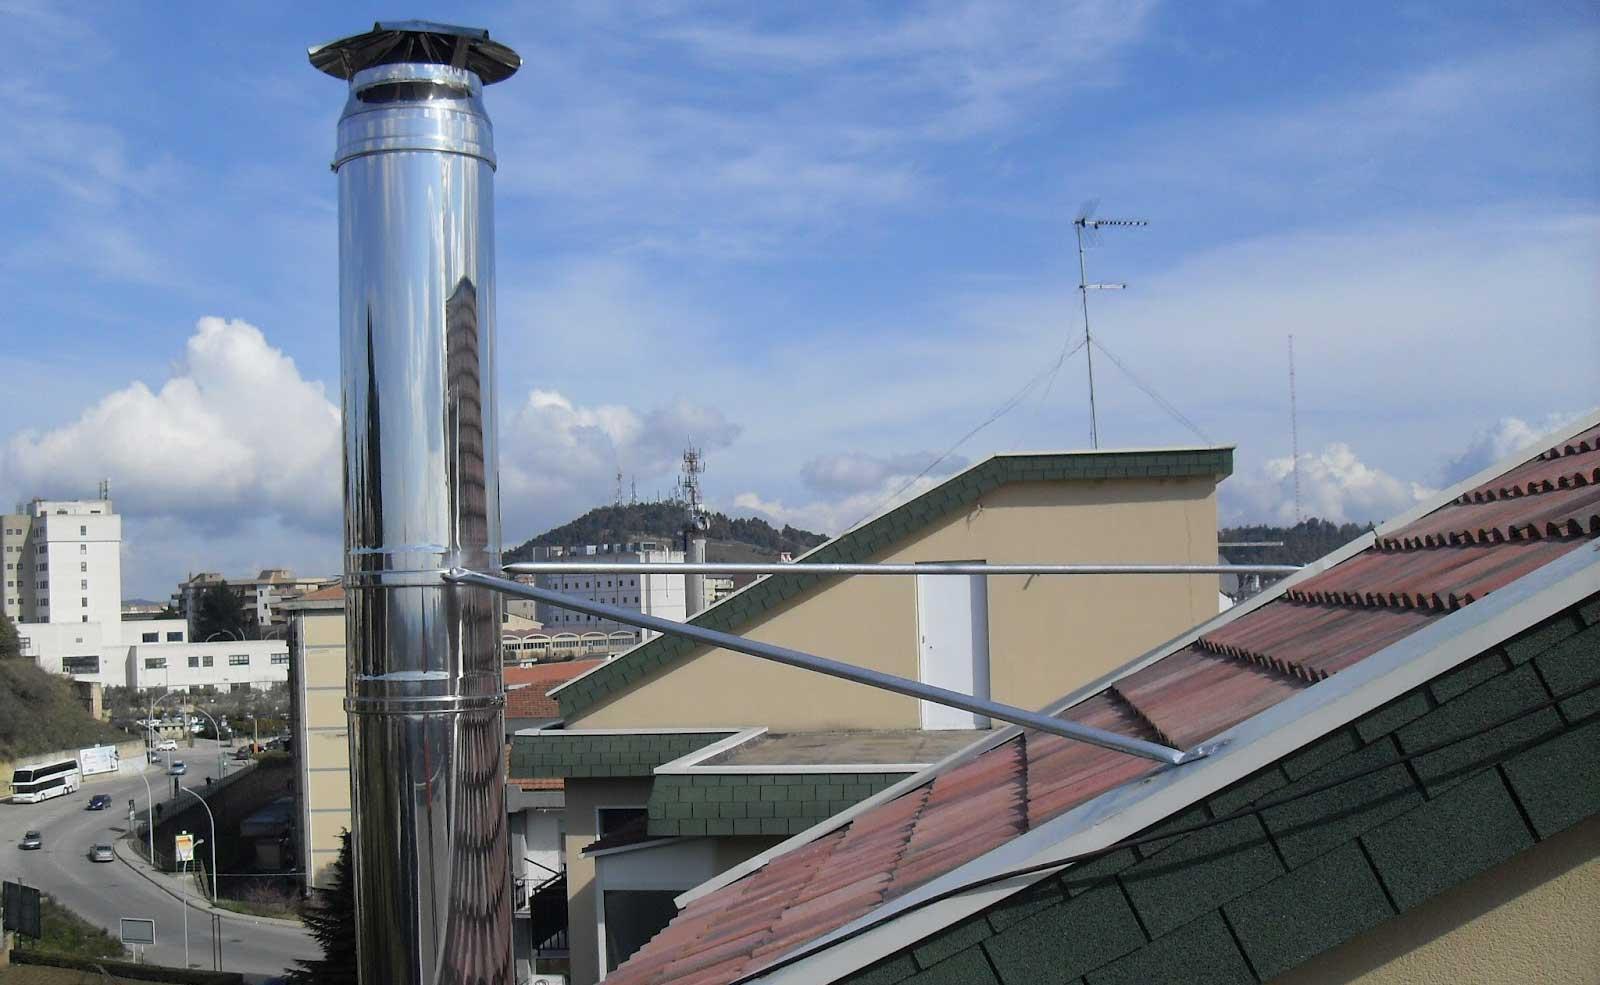 Installazione di una canna fumaria sulla facciata del - Canna fumaria esterna normativa ...